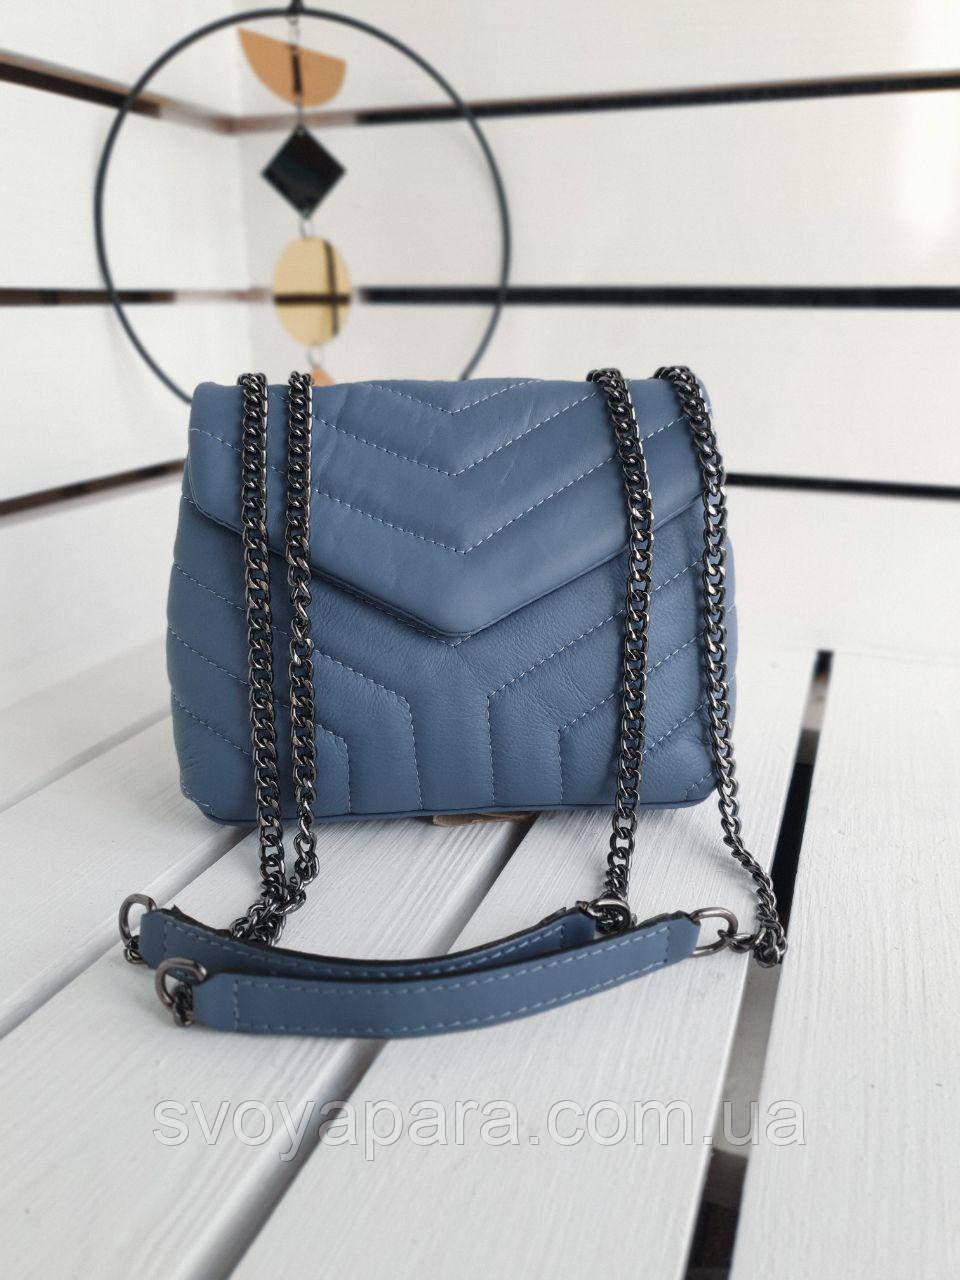 Кожаная женская сумка размером 22х17х8 см Синяя (01290)